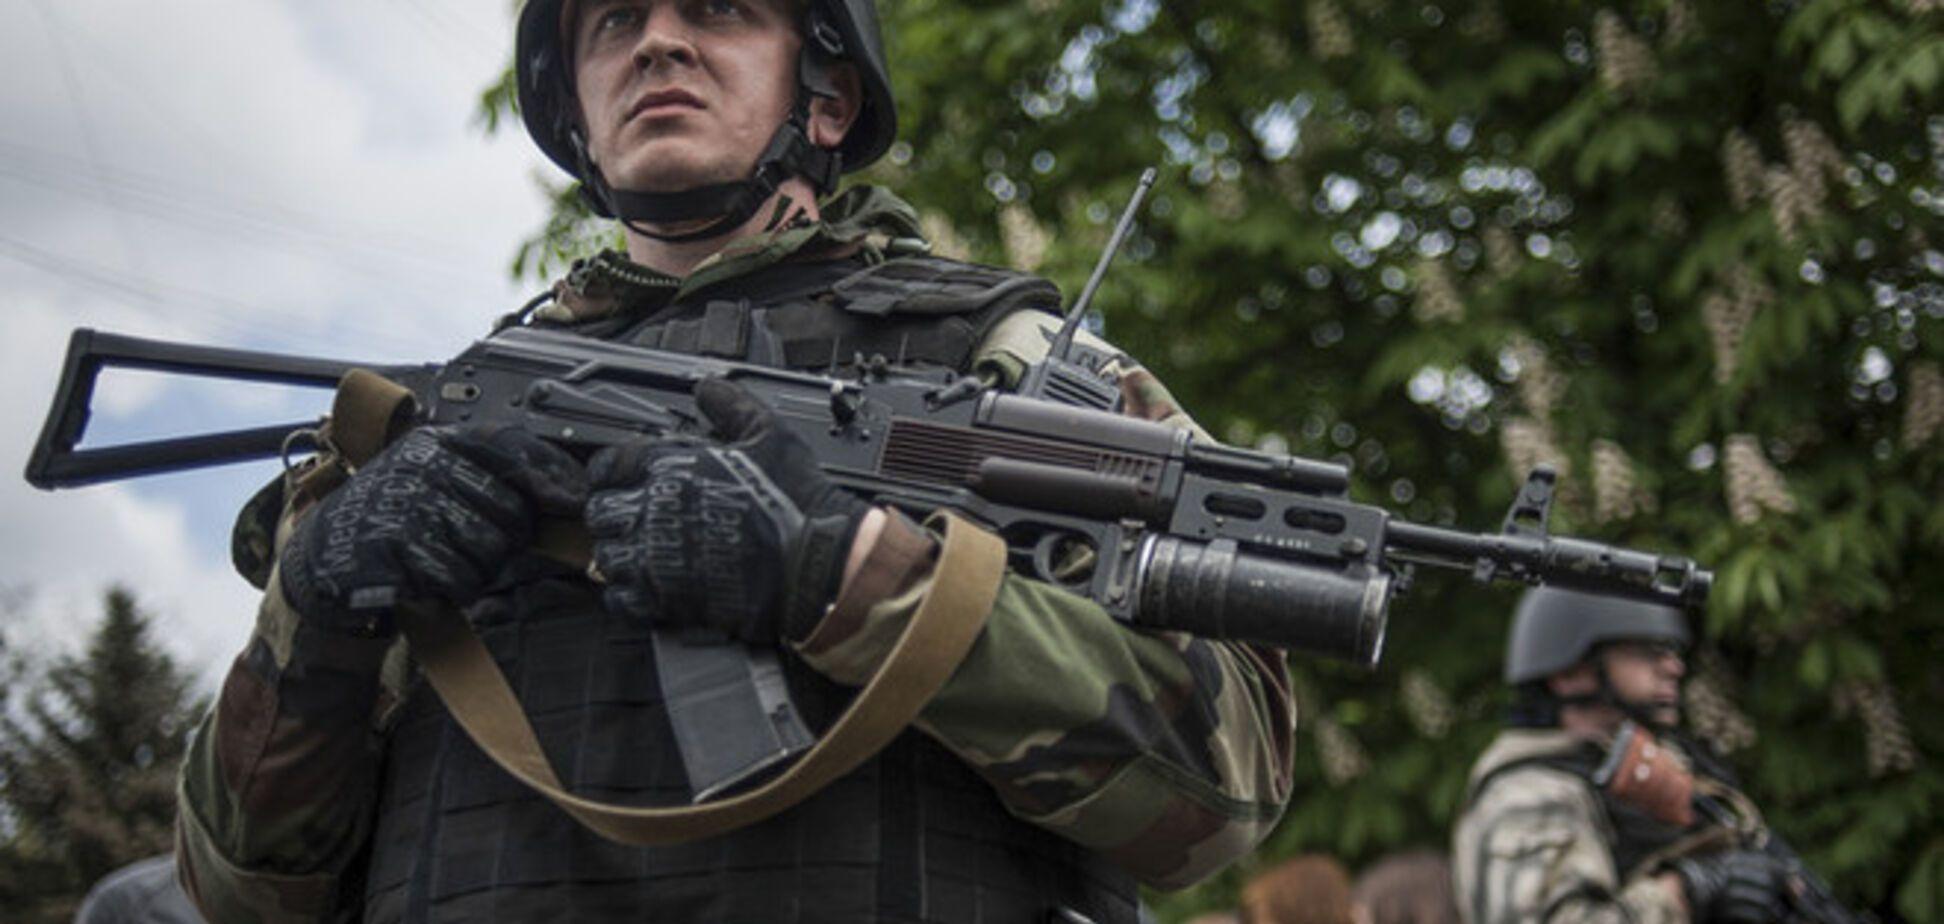 Генпрокуратура взялася за отруєння терористами українських військовослужбовців на Донеччині